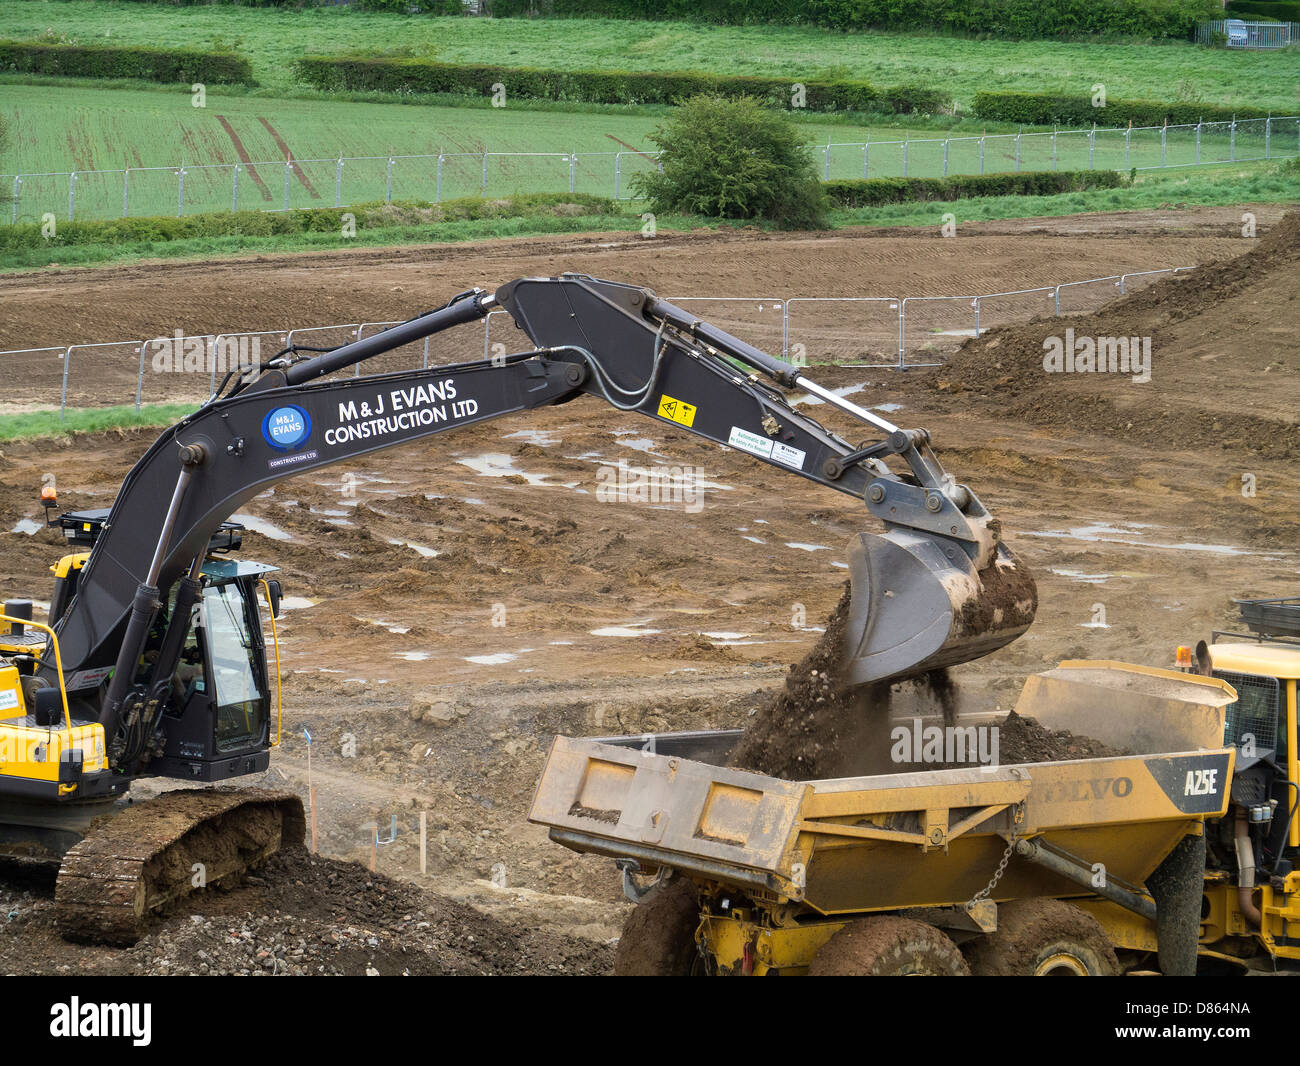 Macchinari pesanti preparare terreno saturo di acqua per l'alloggiamento di sviluppo, Grantham, Lincs Immagini Stock